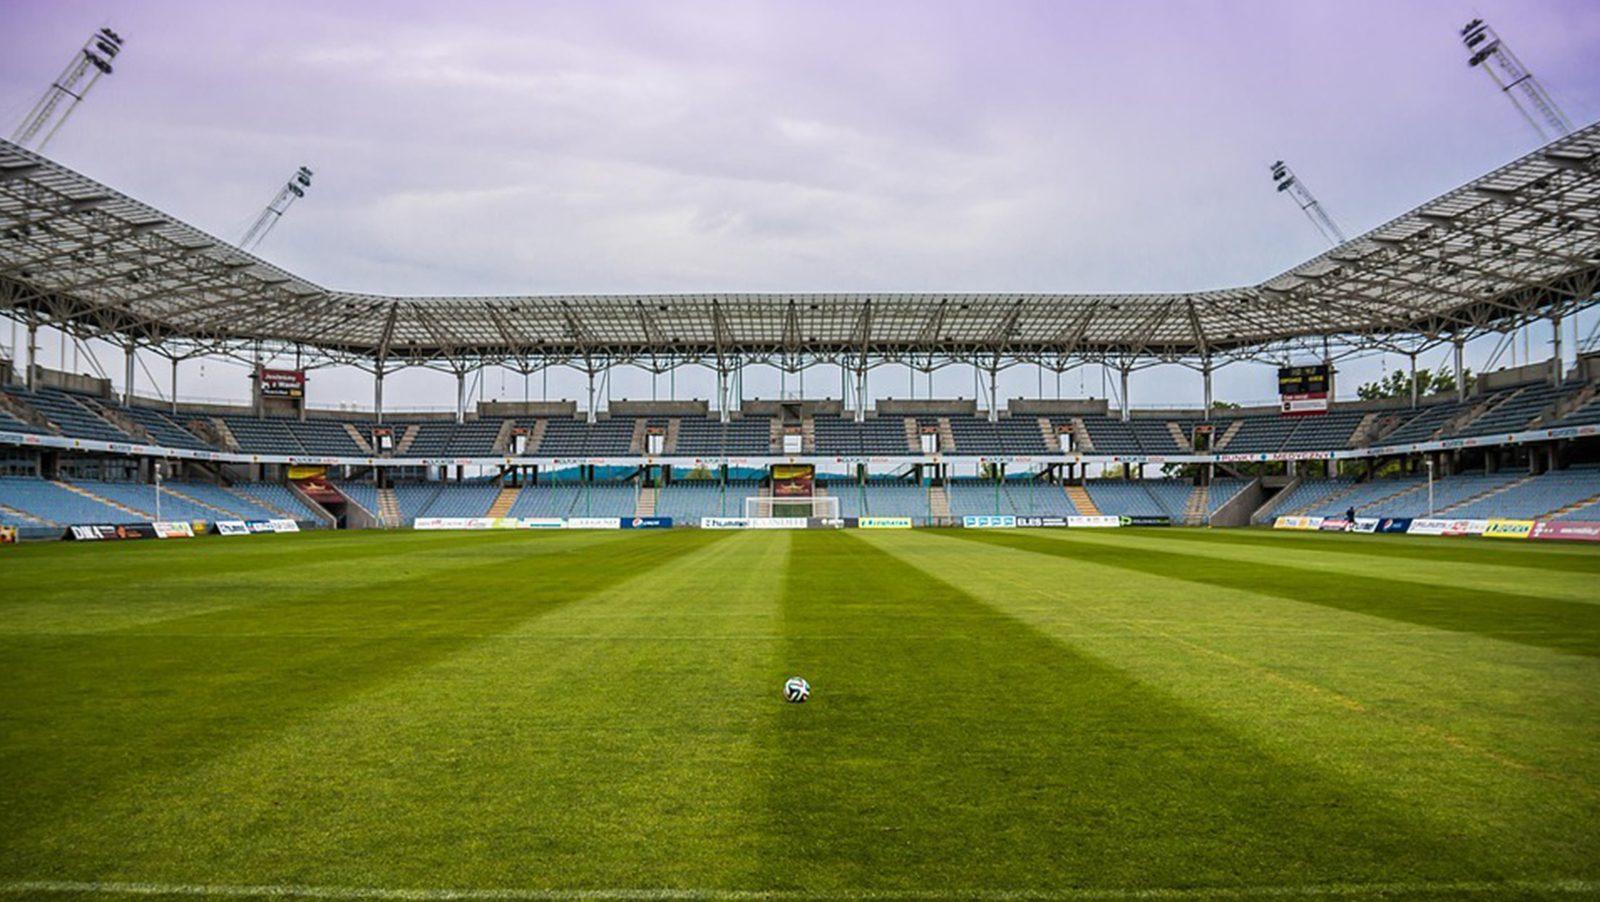 UEFA wants help combatting match-fixing